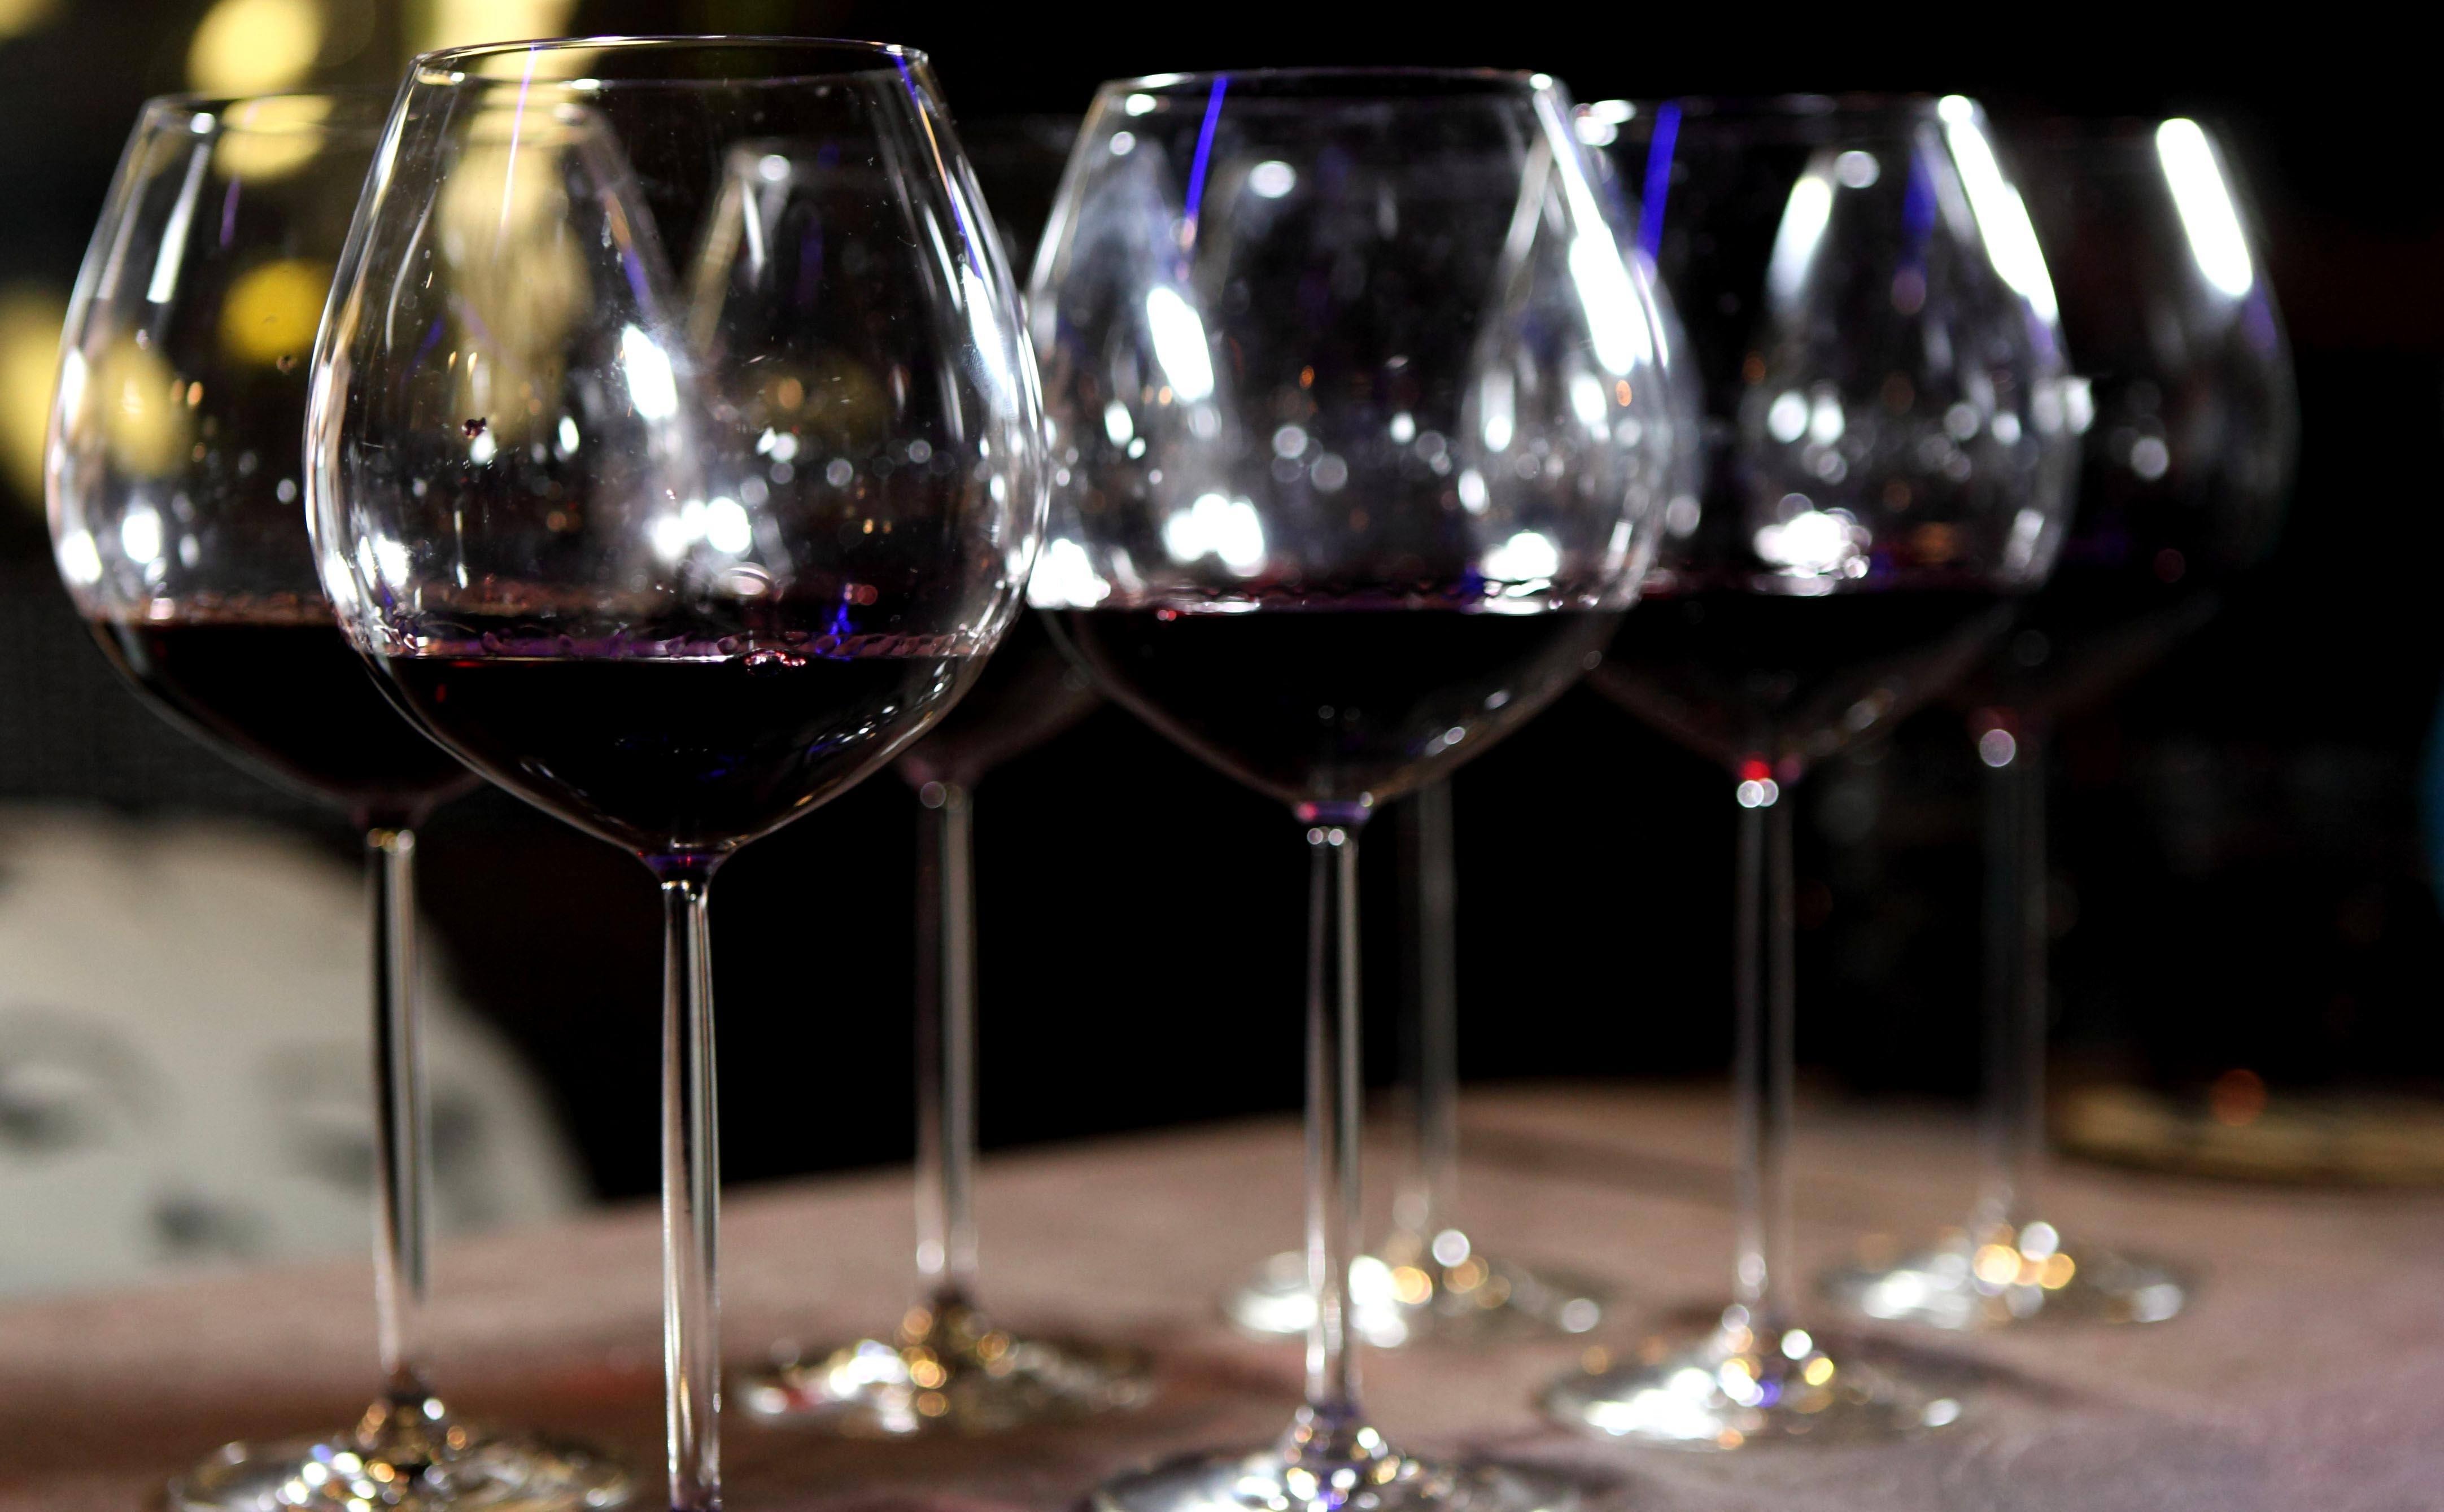 用红酒如何做鸡尾酒?6种红酒鸡尾酒的做法